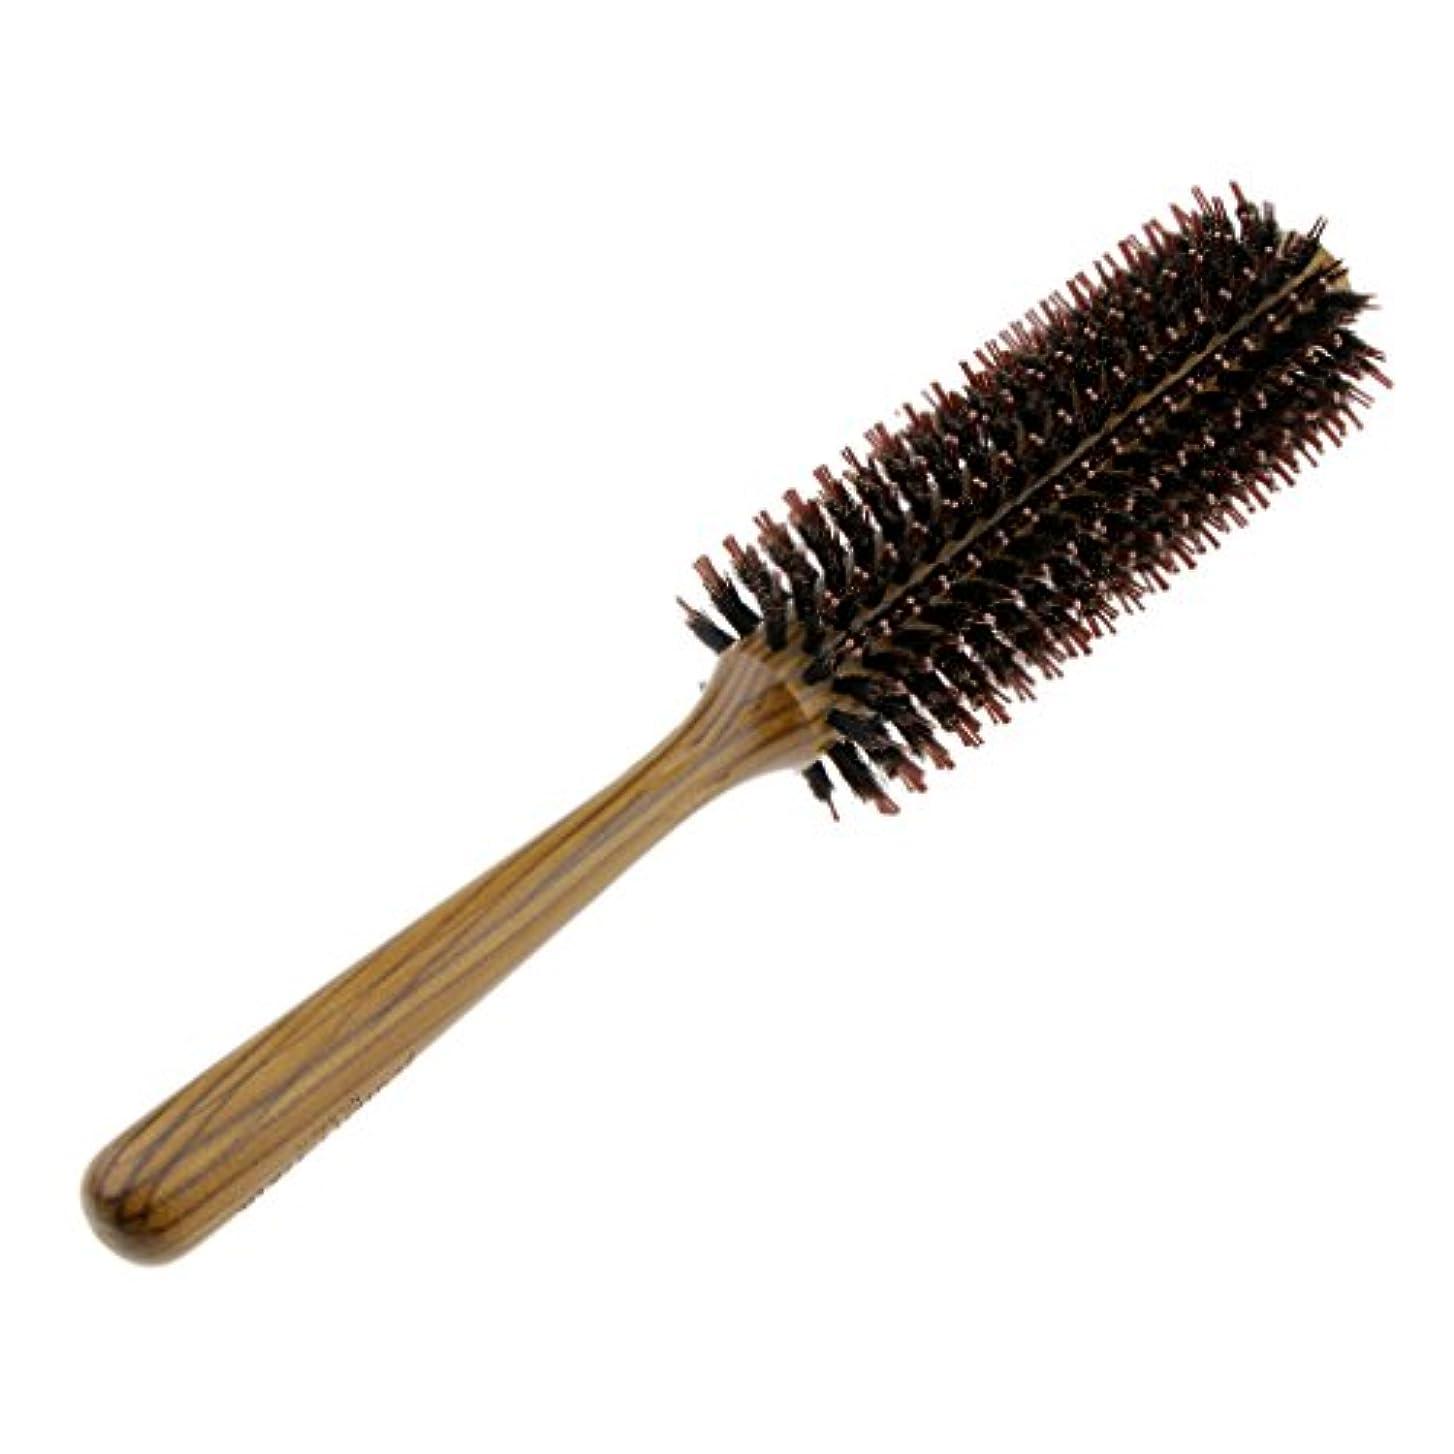 後世暗記する避けられないFenteer ロールブラシ ヘアブラシ コーム ヘアスタイリング 櫛 くし カール 巻き髪 3サイズ選べる - L